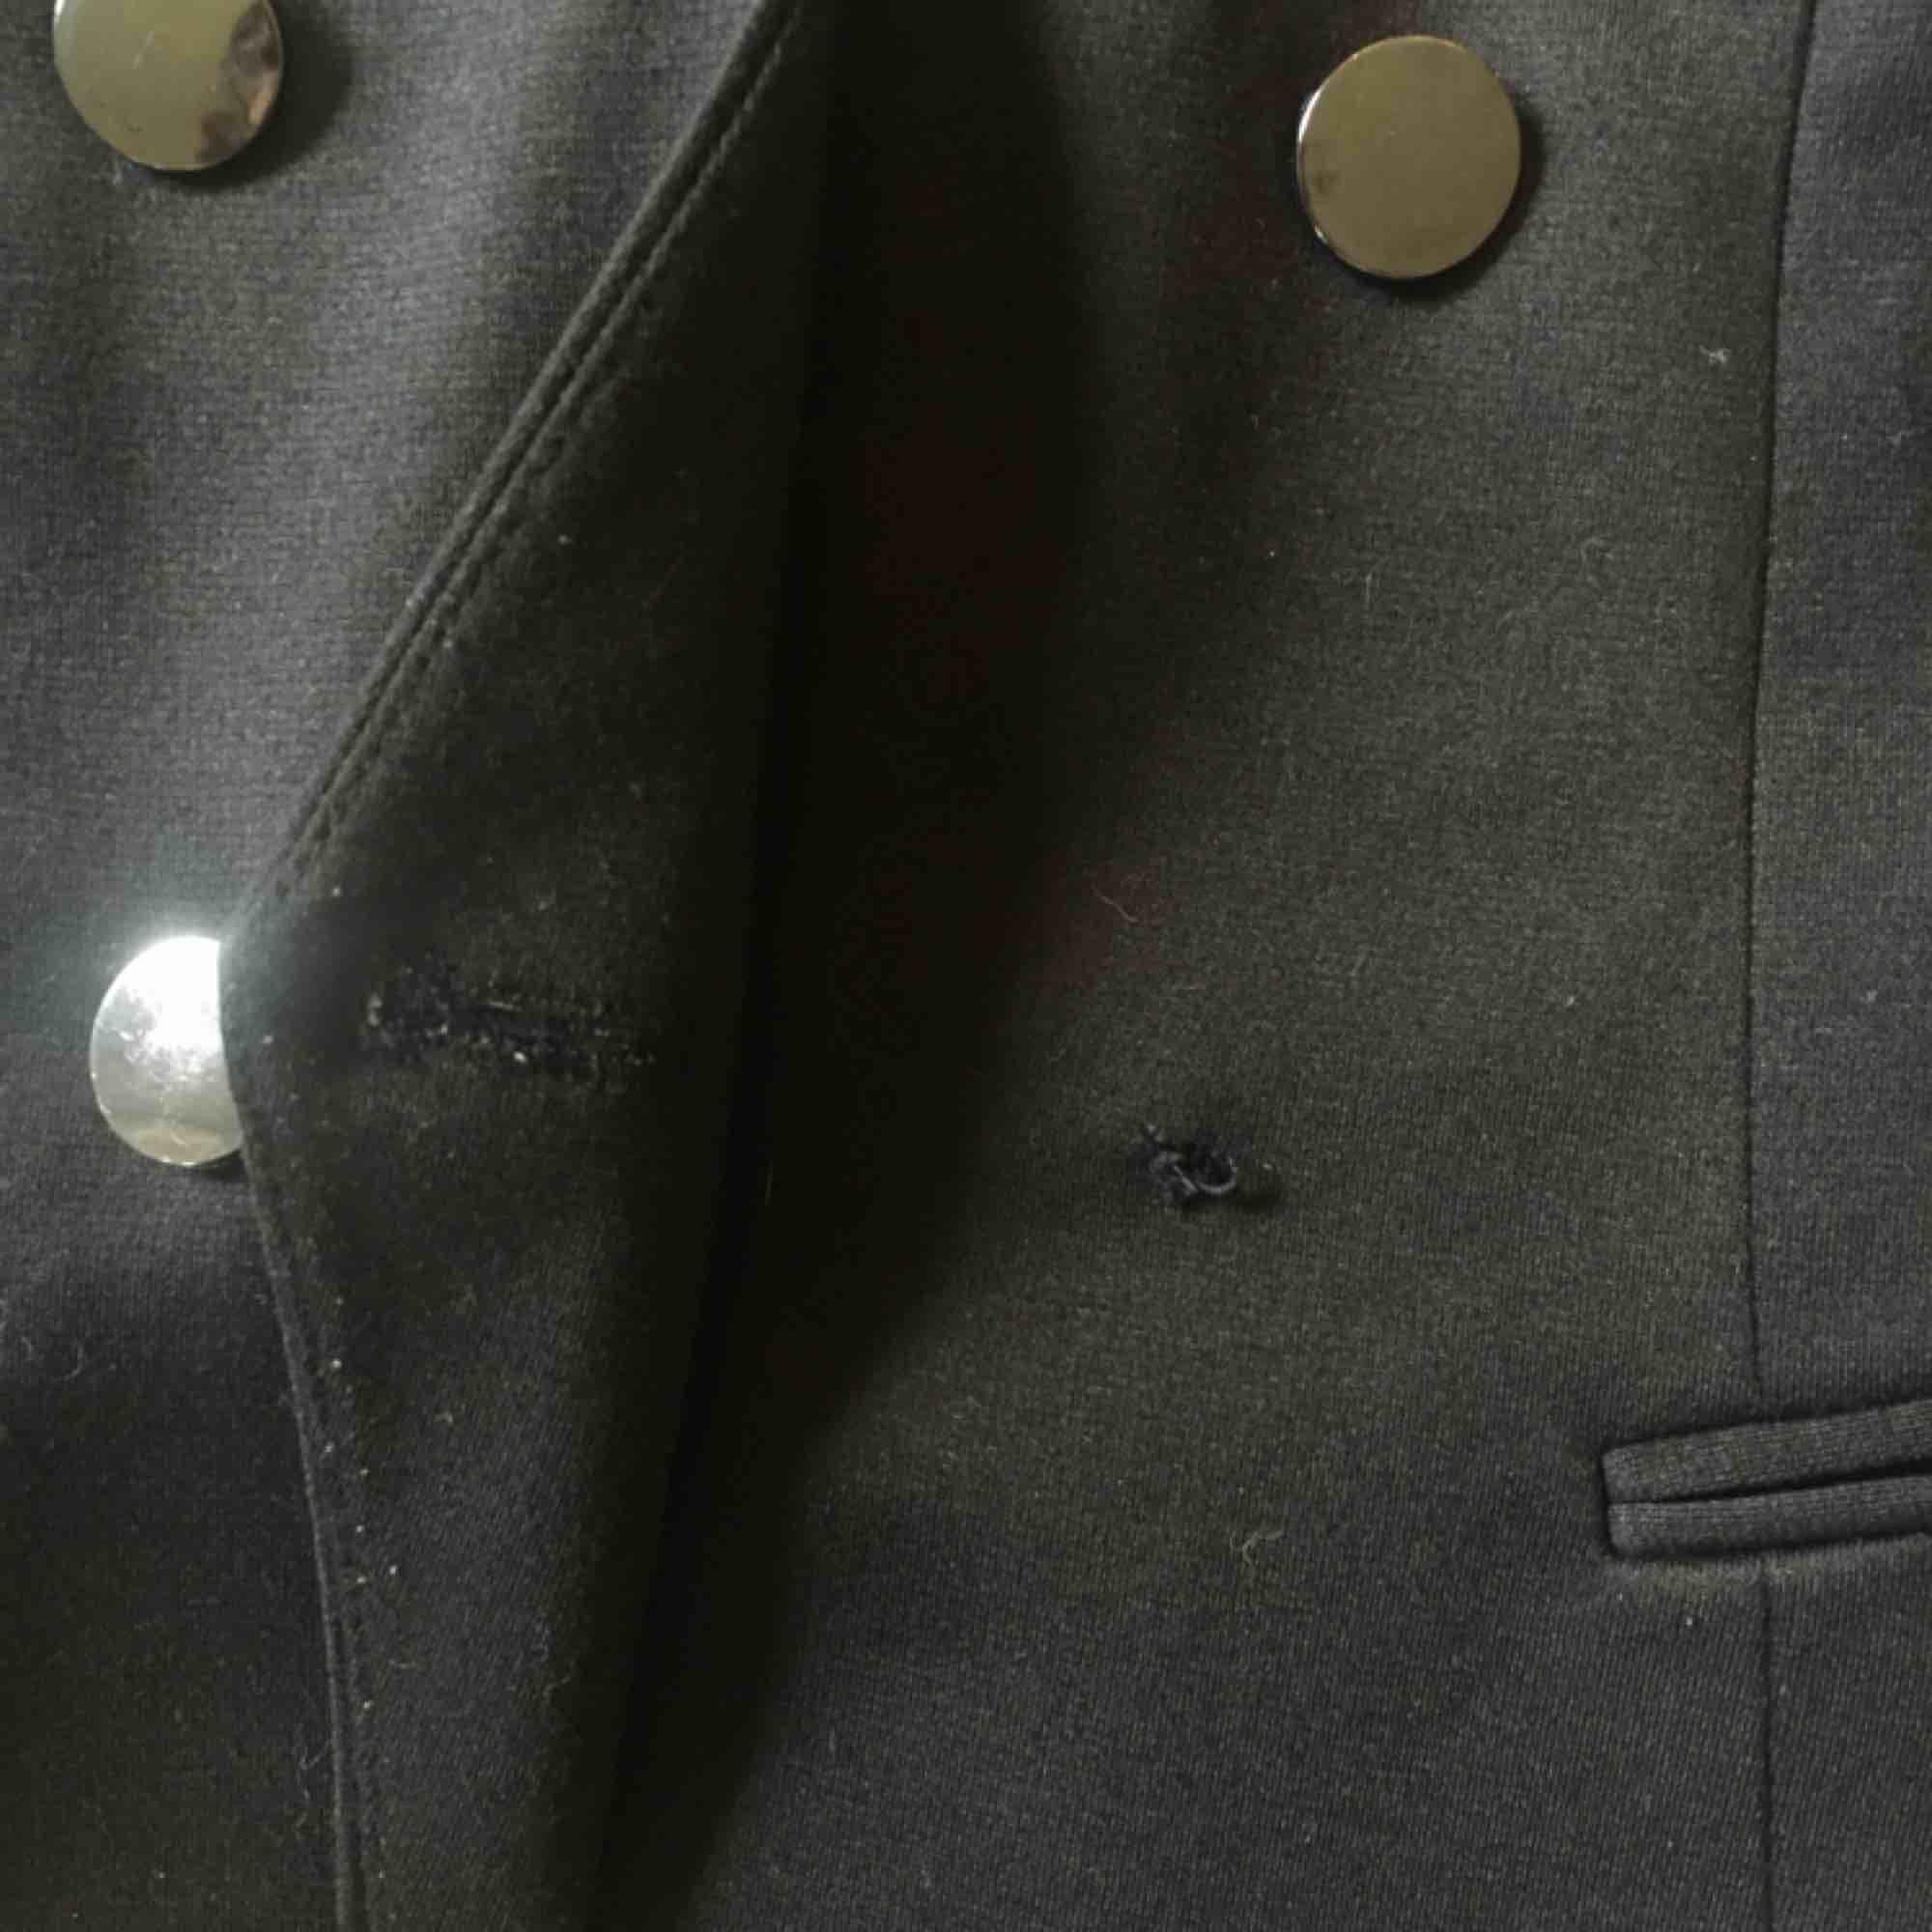 Blazer  En knapp har trillat av men annars bra skick  Figursytt och axelkuddar   . Kostymer.